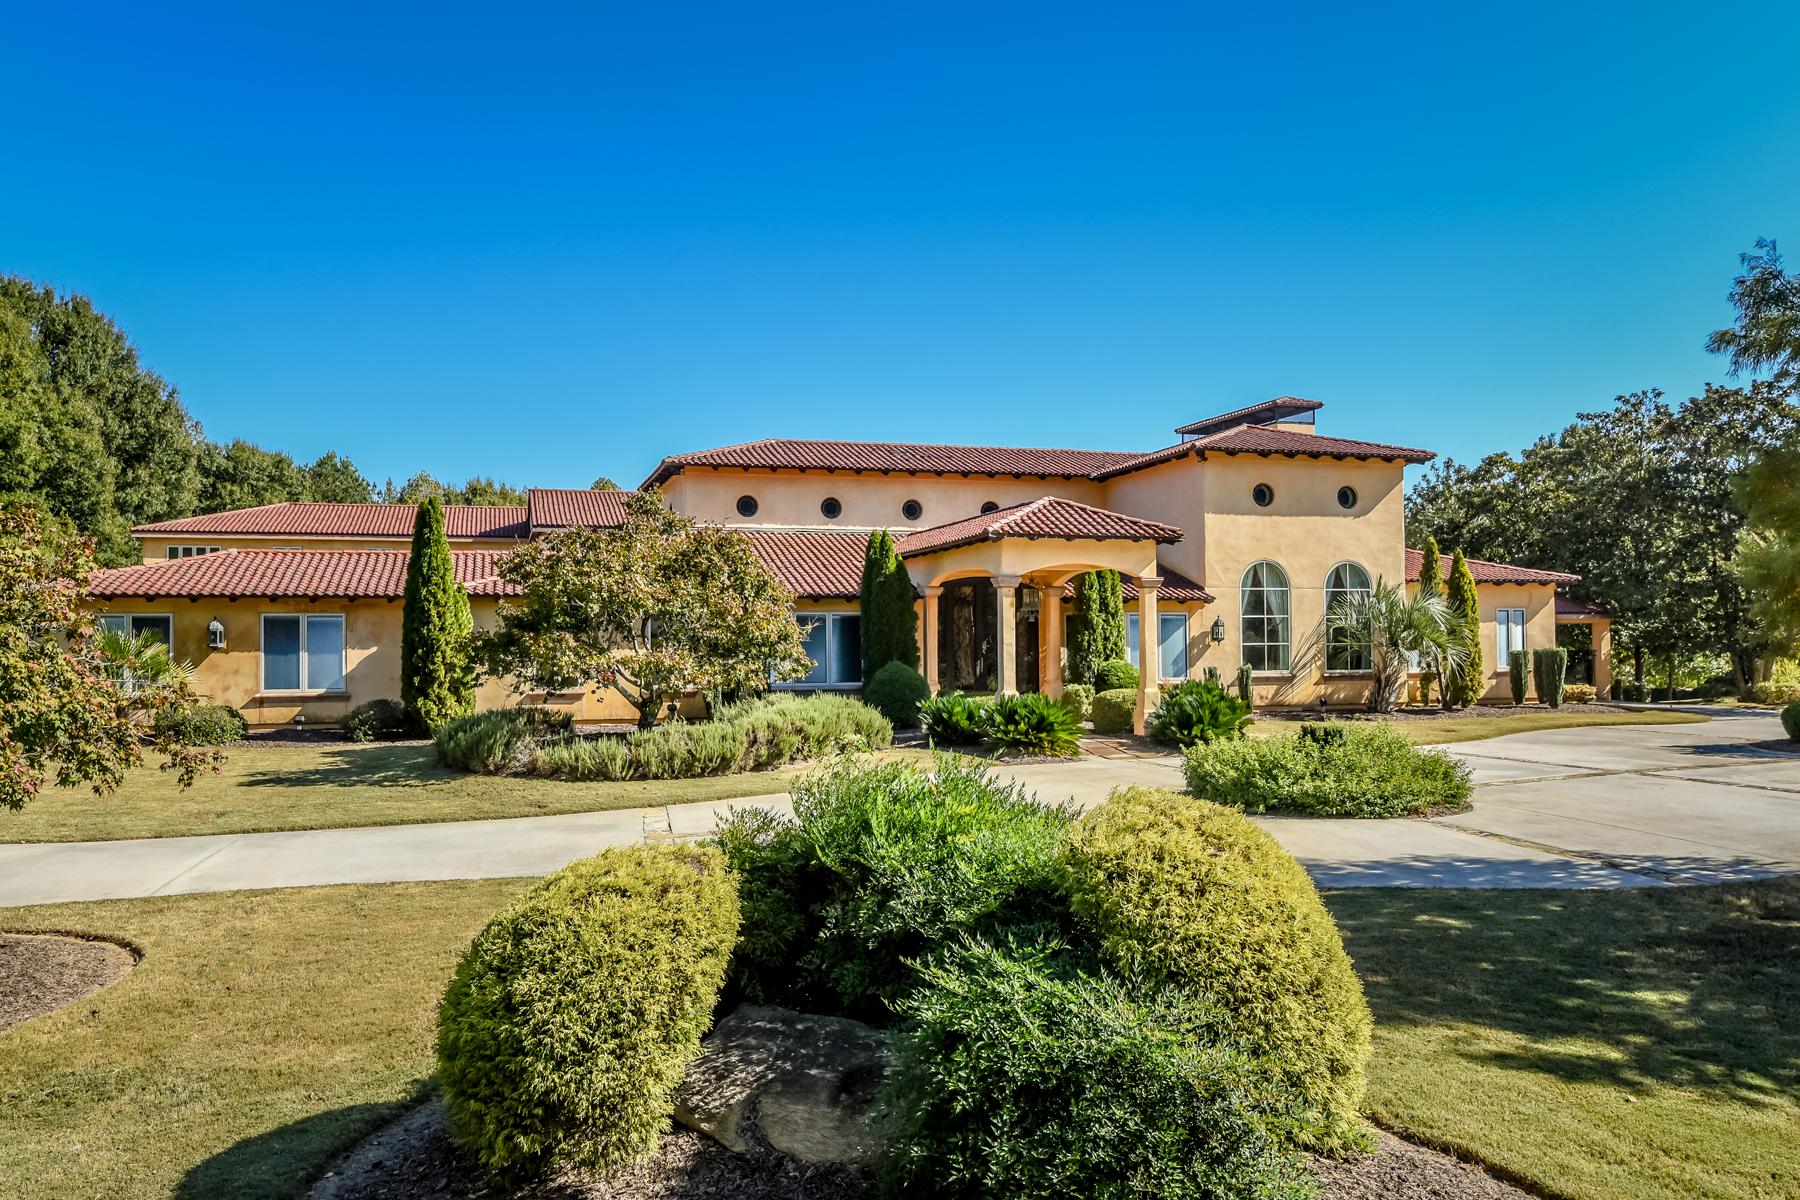 Einfamilienhaus für Verkauf beim Luxurious Mediterranean Home 9440 Riverclub Parkway Johns Creek, Georgia, 30097 Vereinigte Staaten